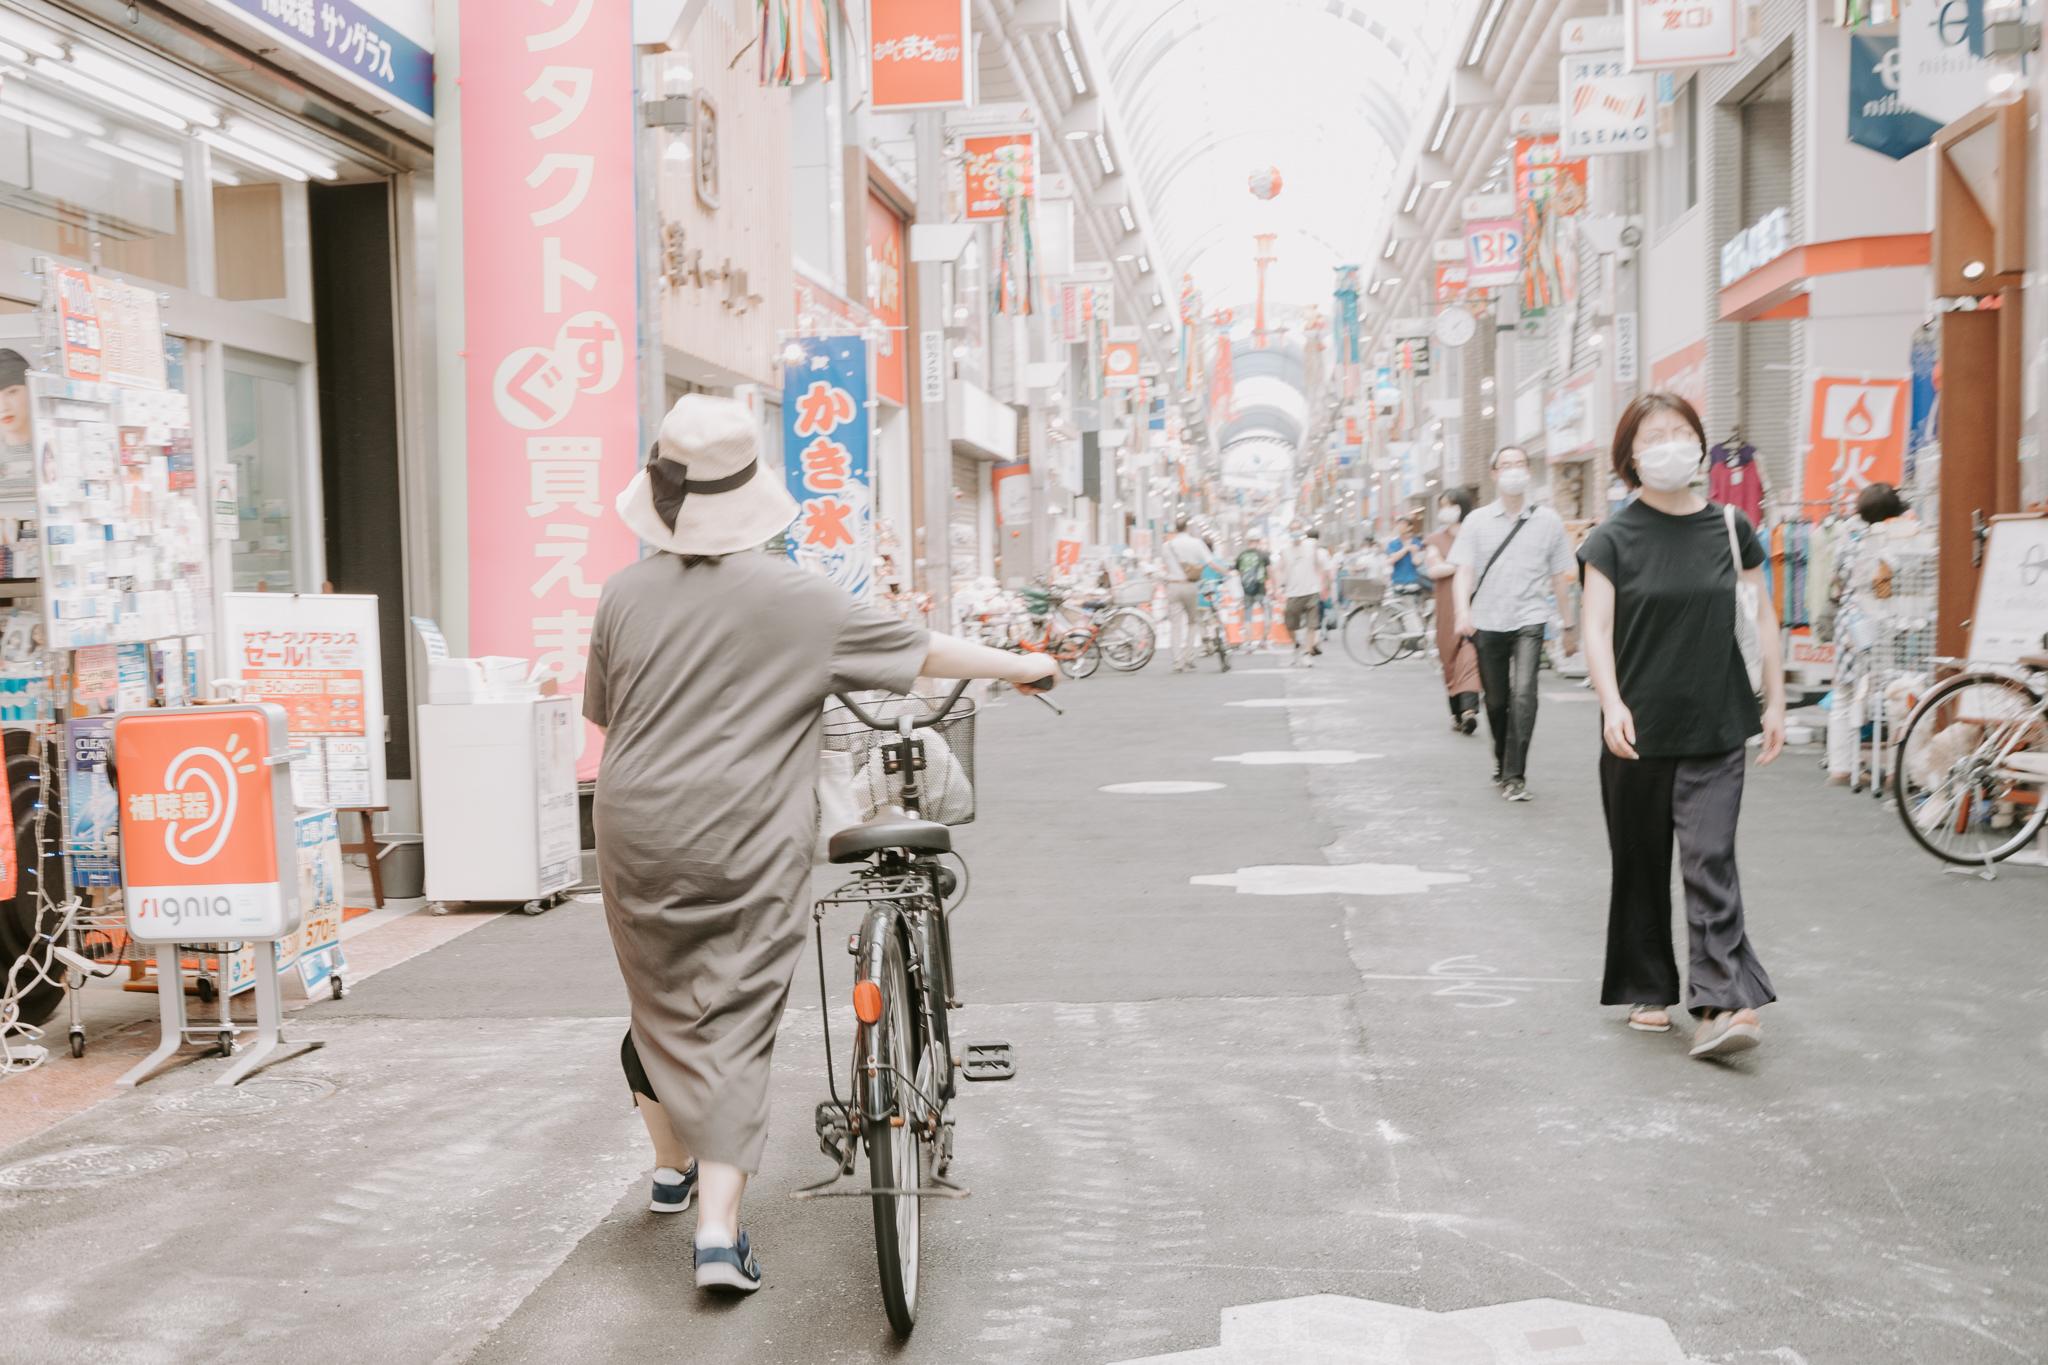 自転車を押して歩く人ばかり。皆さんルールを守って利用しています。